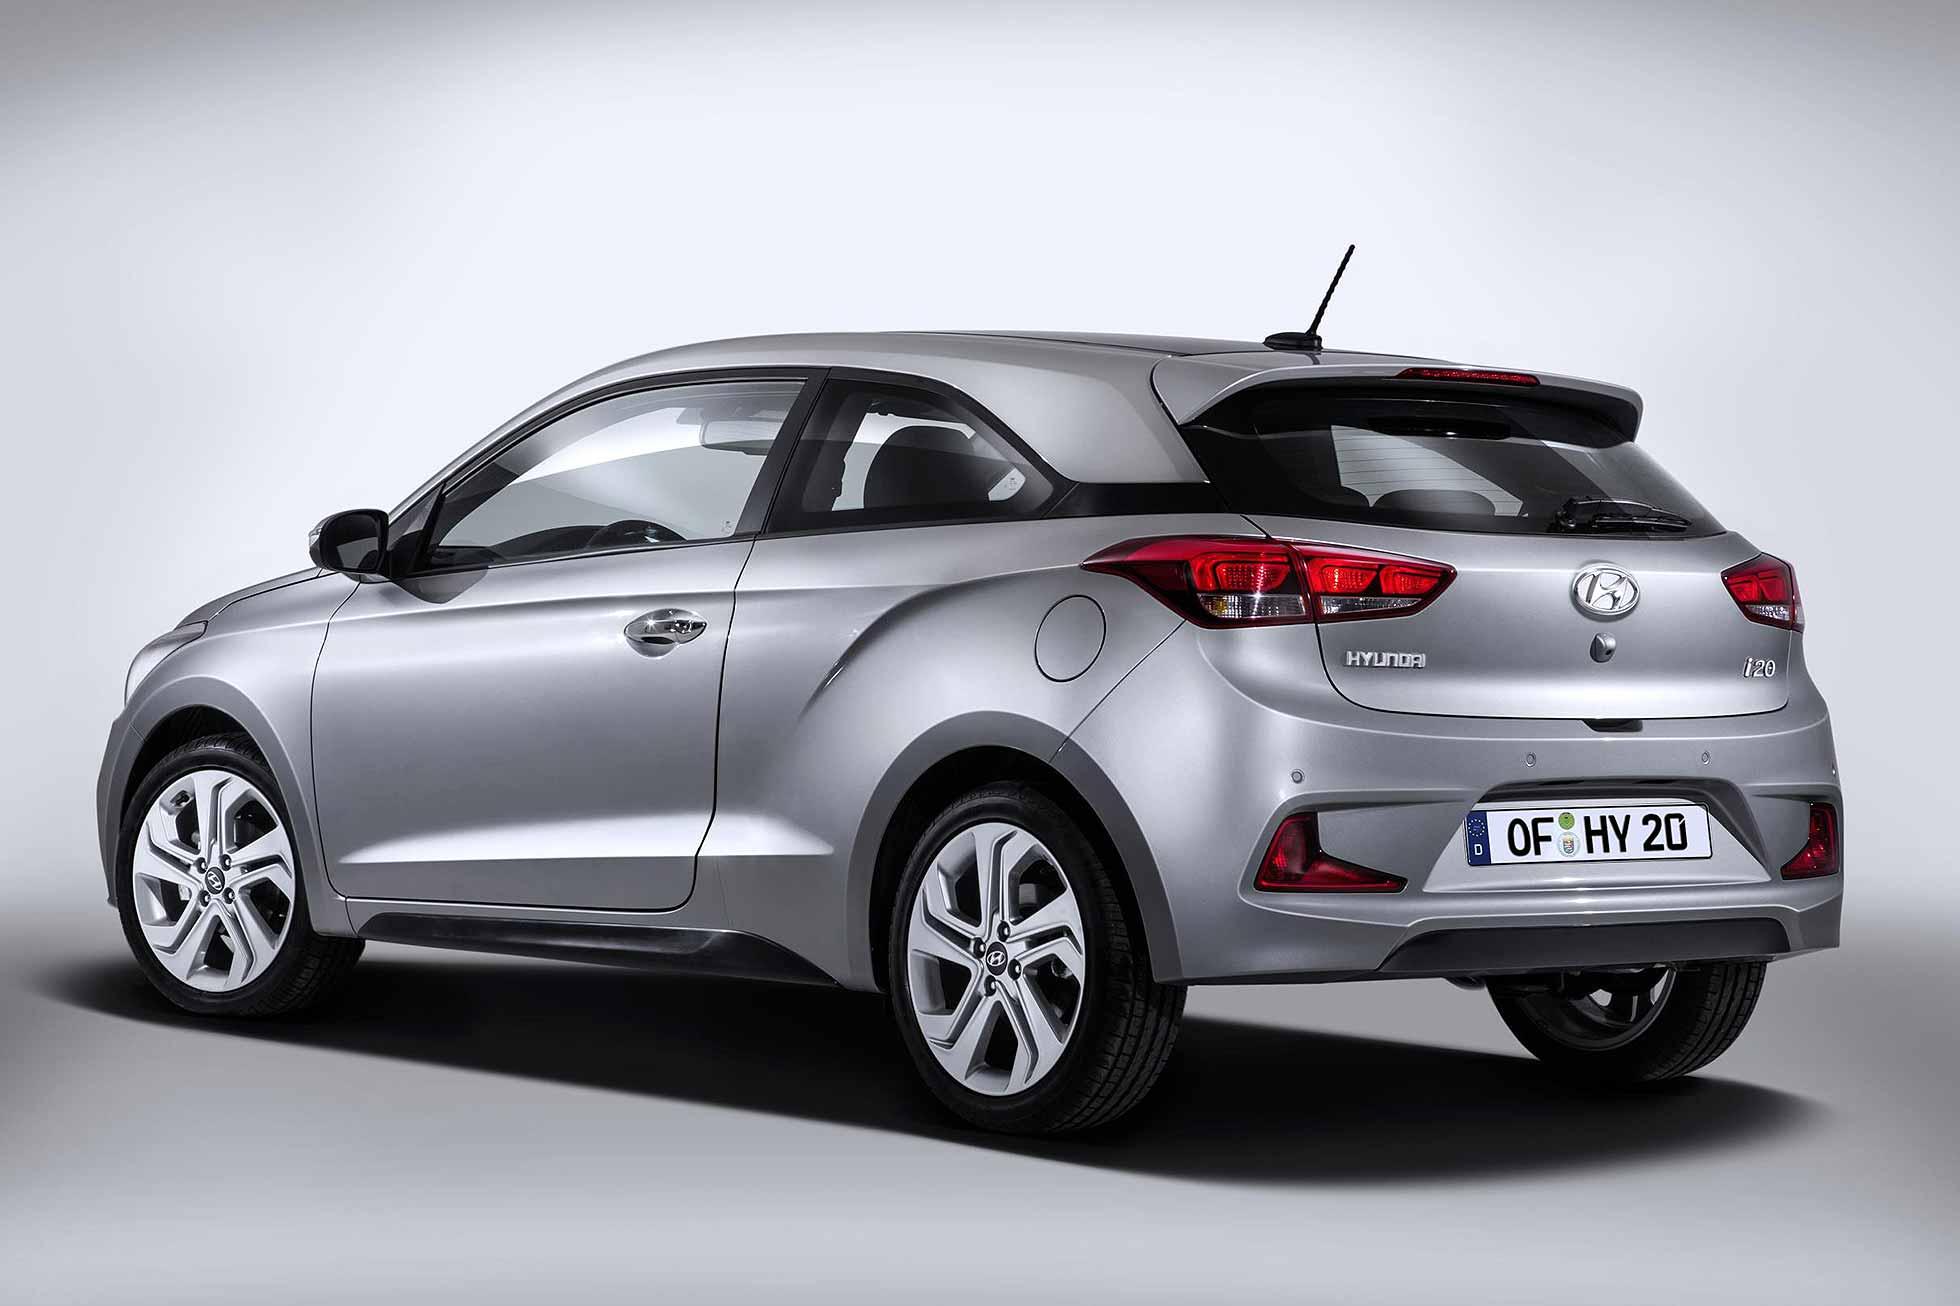 Hyundai Reveals New 2015 I20 Coupe